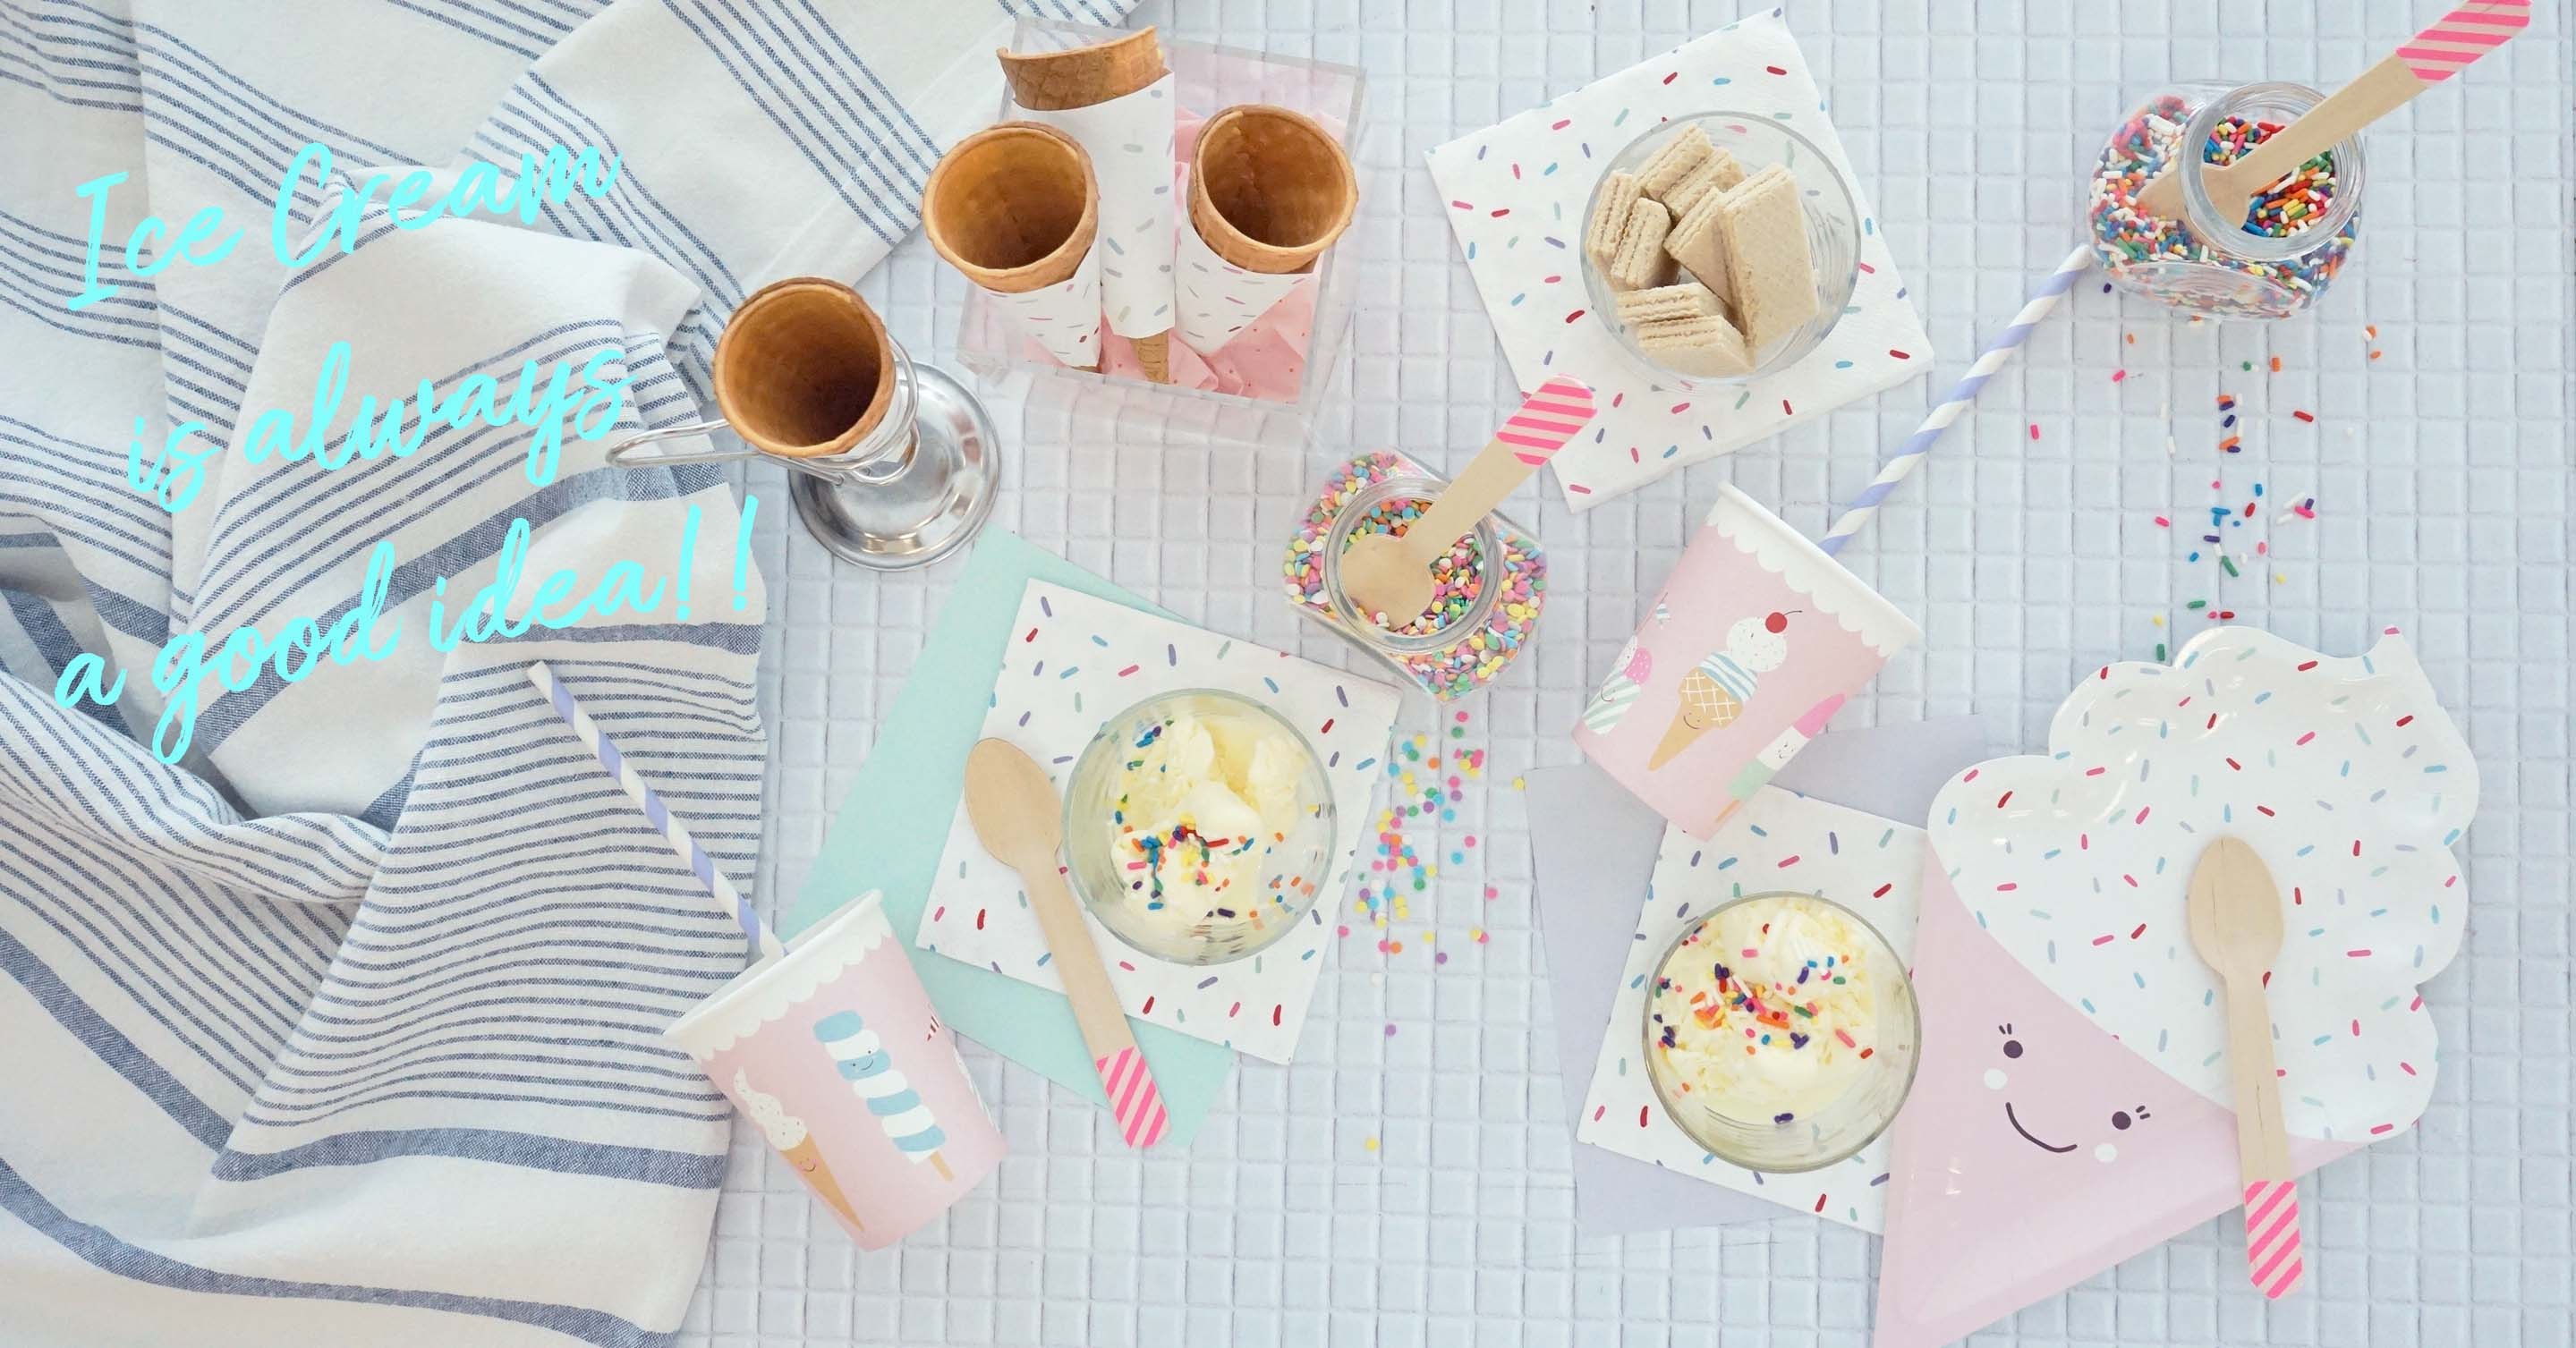 「アイスクリームパーティー」をおしゃれに♪おすすめアイテム&アイディア